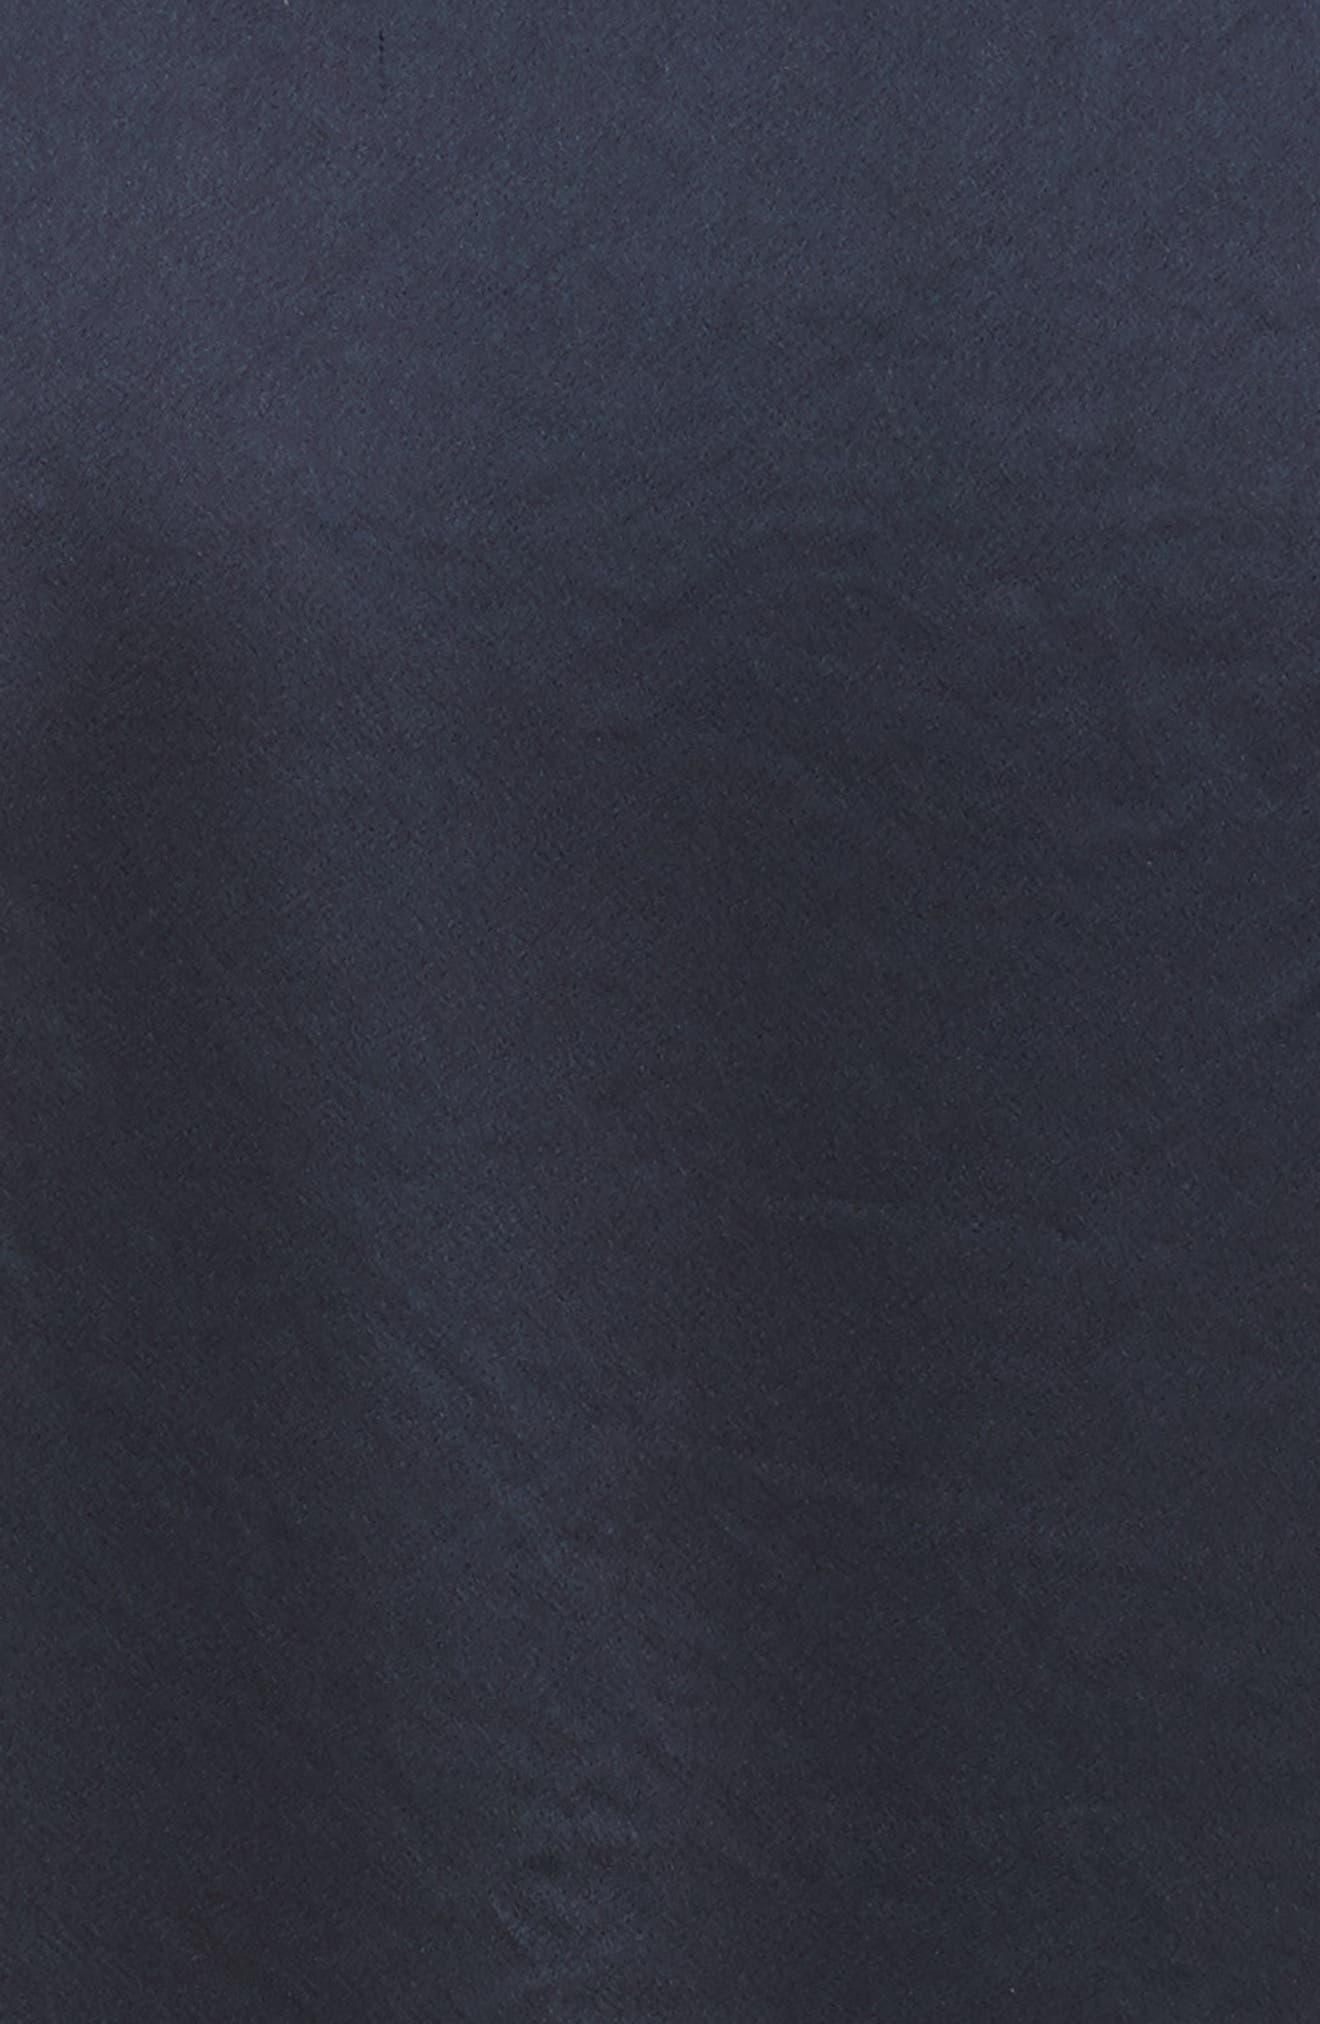 Midi Wrap Dress,                             Alternate thumbnail 5, color,                             202